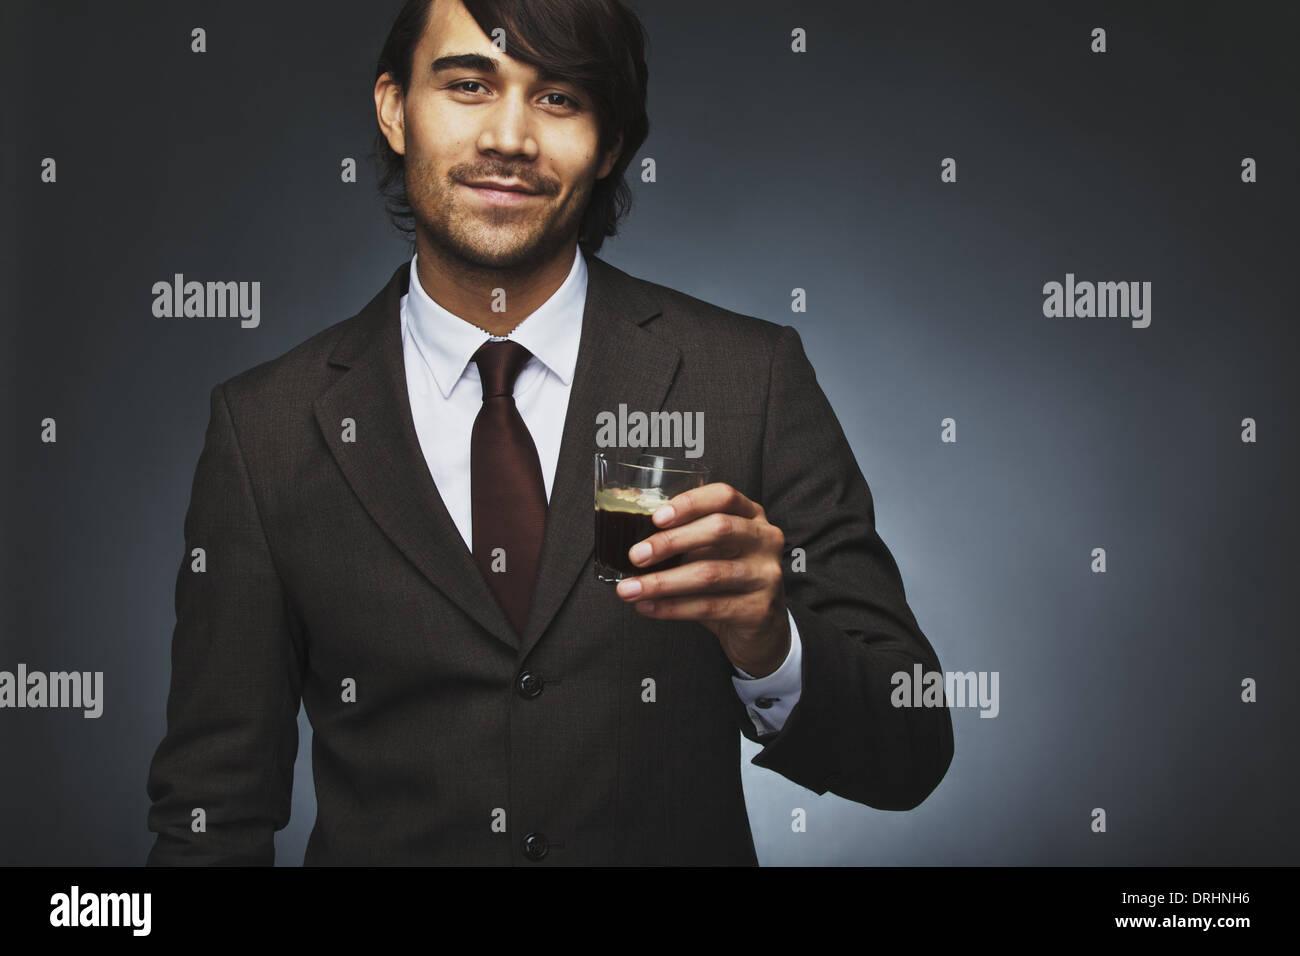 Retrato del hombre de negocios joven feliz ofreciéndole una taza de café contra el fondo negro. Raza mixta modelo masculino Imagen De Stock